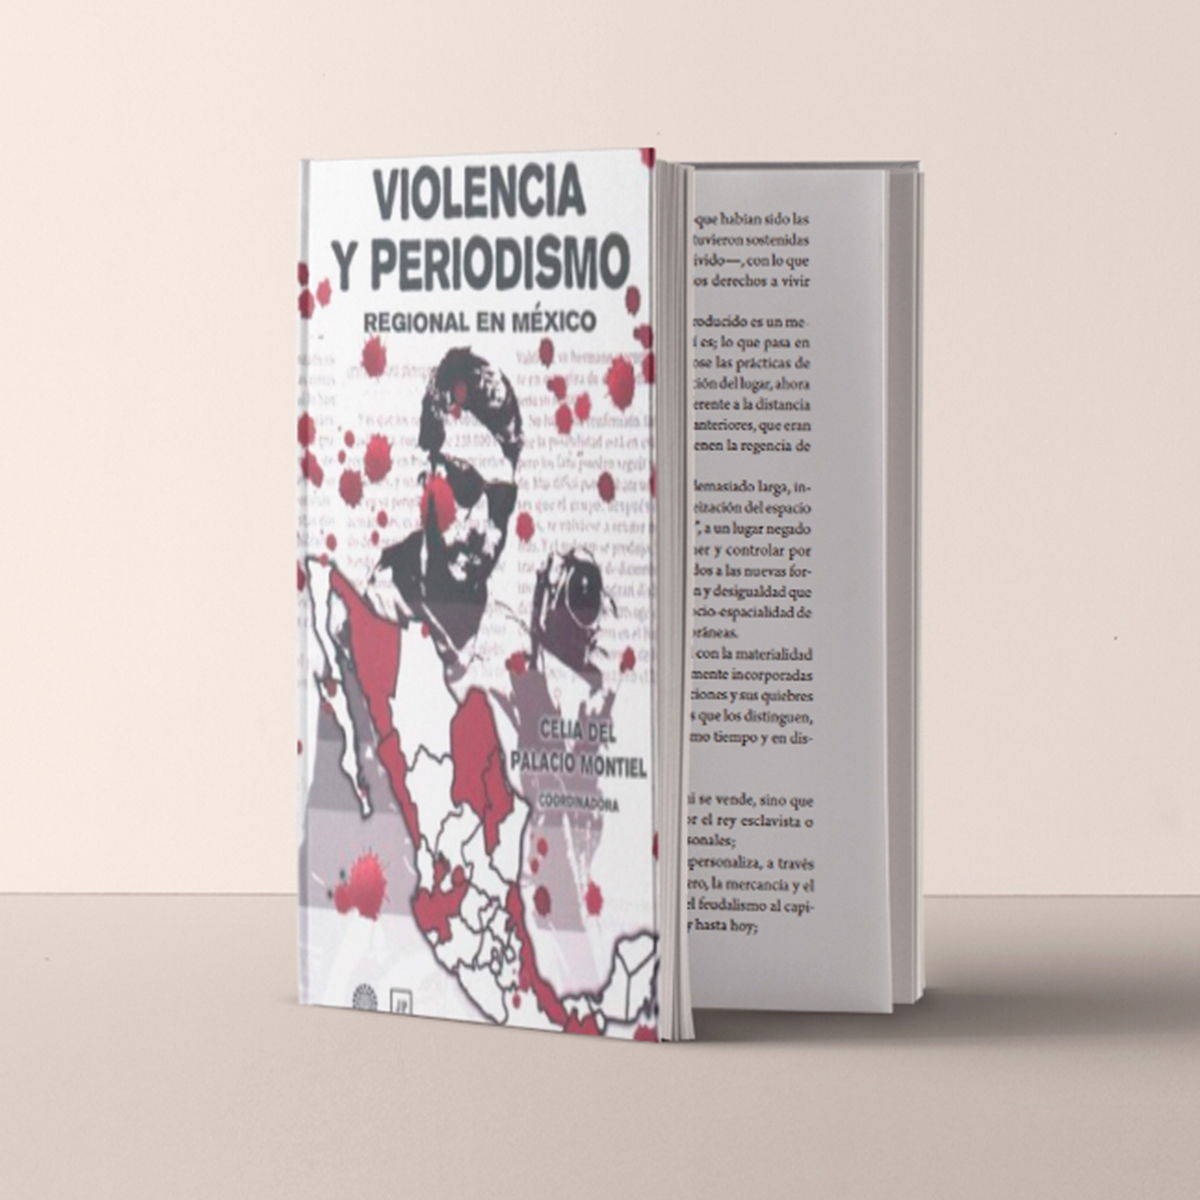 VIOLENCIA-Y-PERIODISMO-CUADRADO